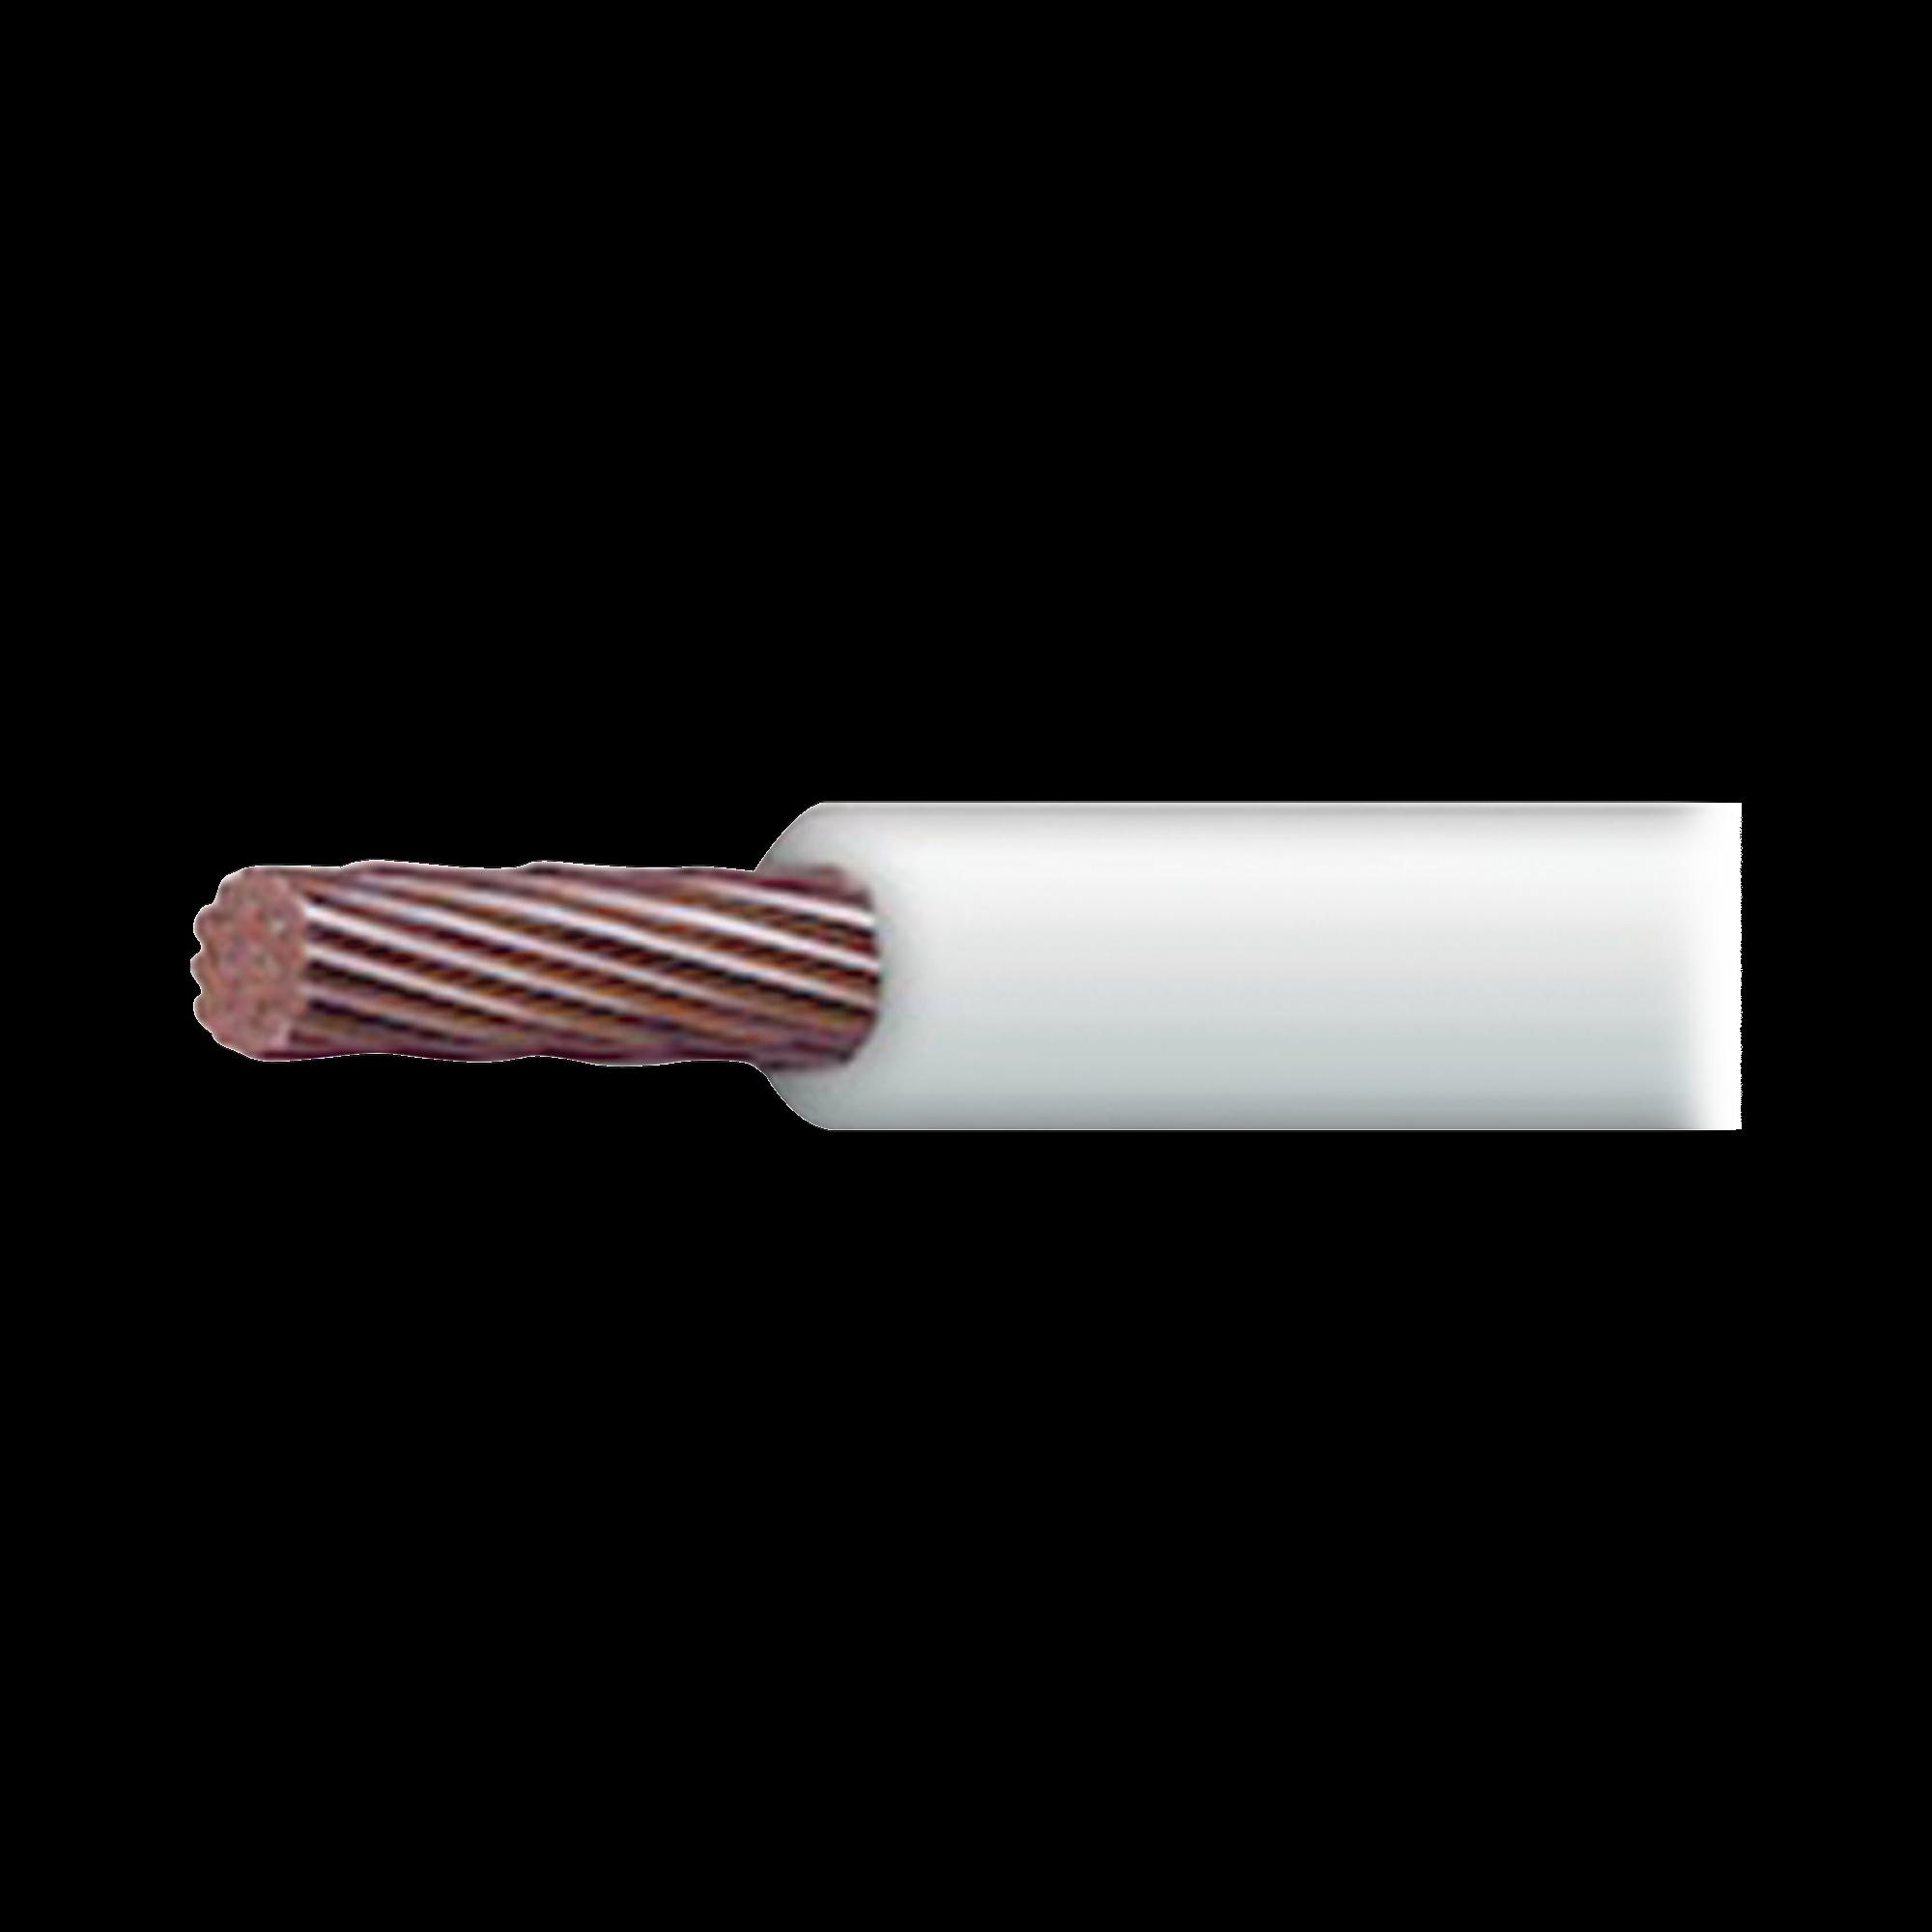 Cable de Cobre Recubierto THW-LS Calibre 12 AWG 19 Hilos Color Blanco (100 metros)